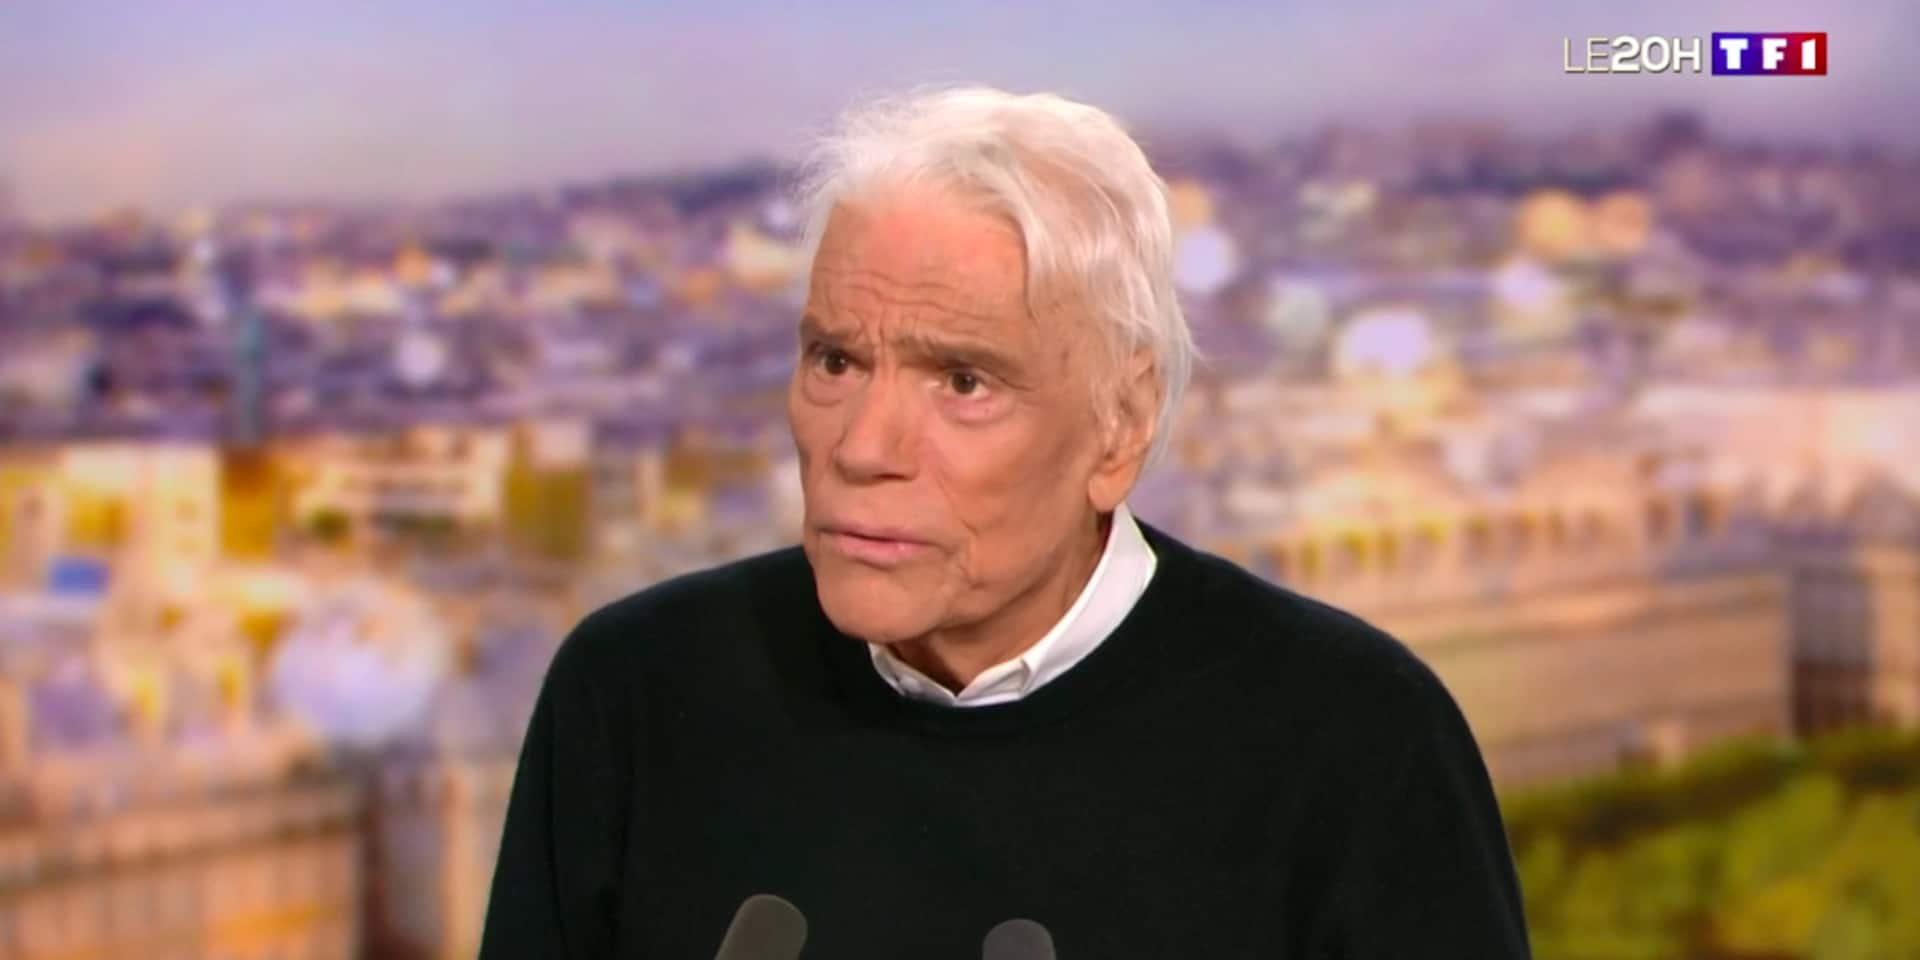 """Le coup de gueule de Bernard Tapie sur la vaccination: """"Il faut se faire vacciner, ce n'est pas seulement un combat pour soi, c'est un combat d'équipe"""""""